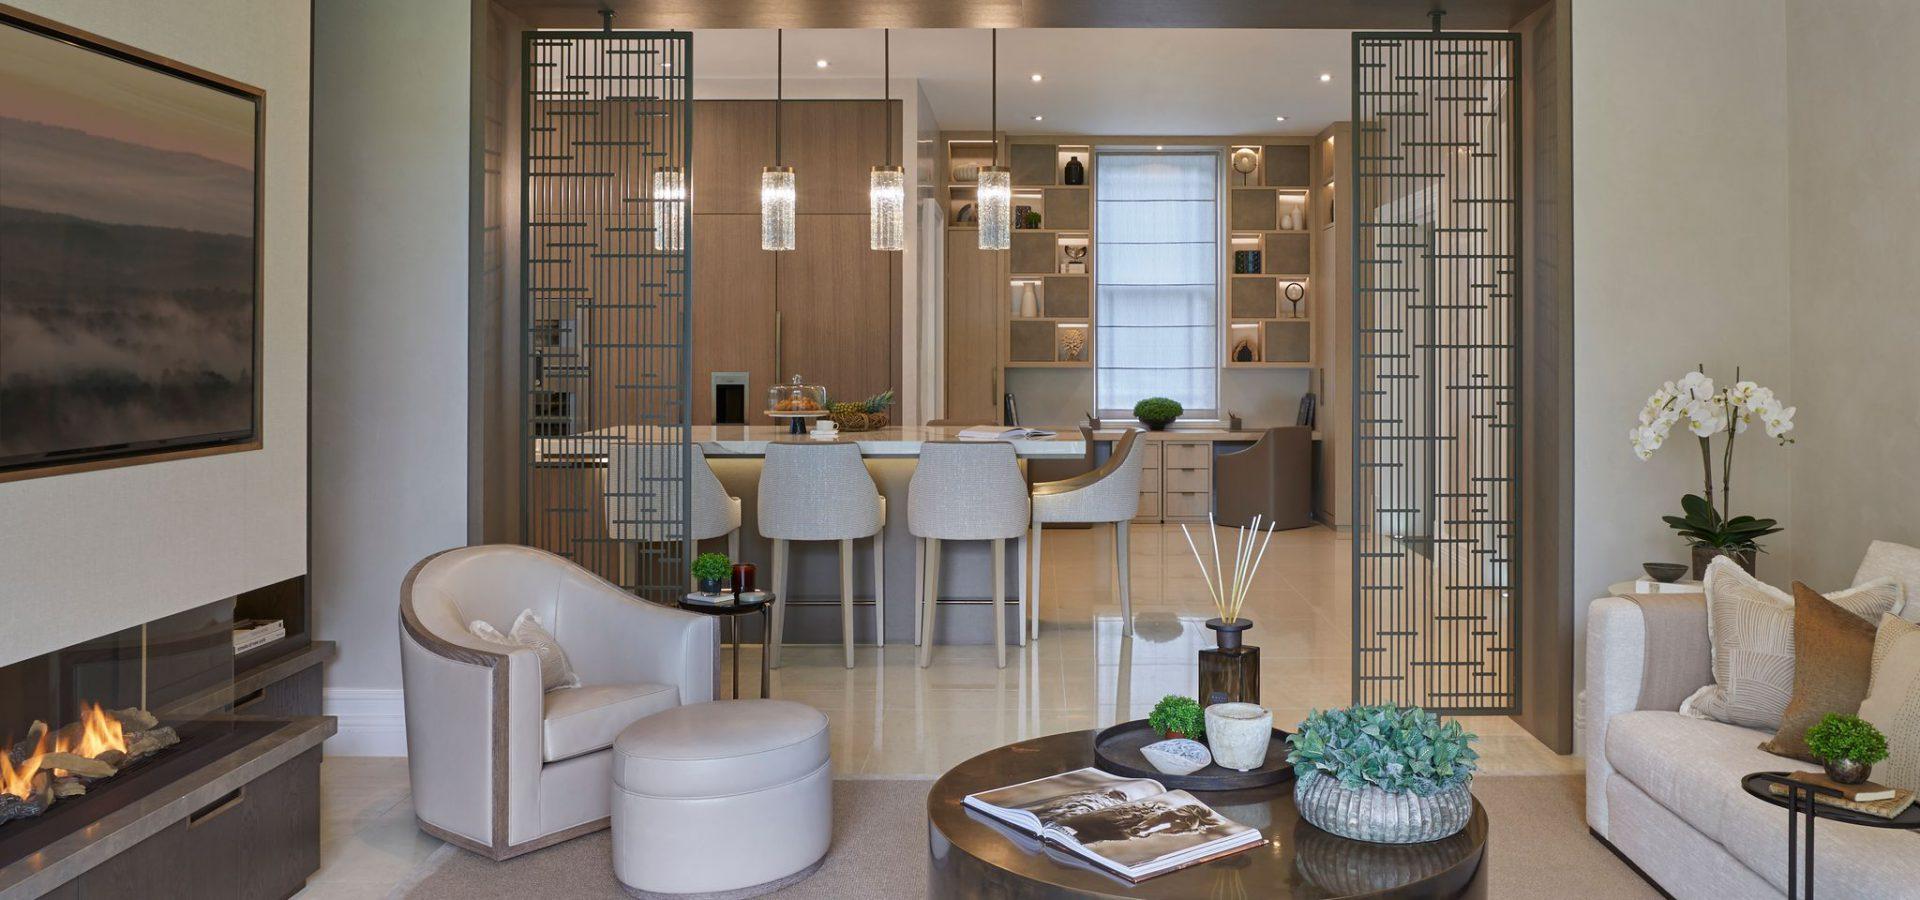 Elegant & Luxurious Kitchen